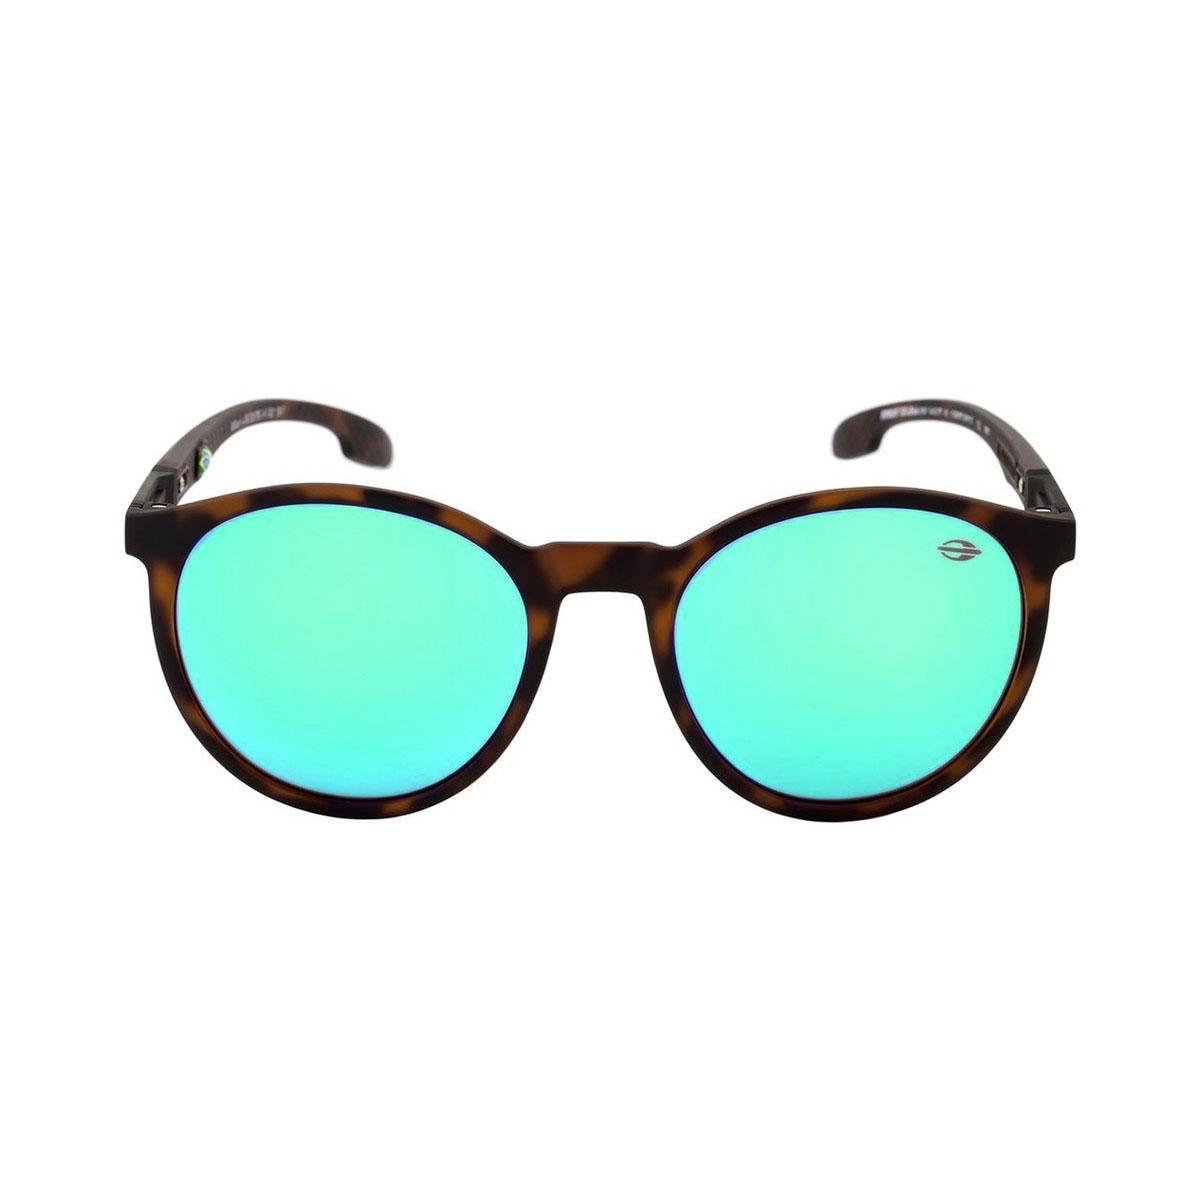 Óculos Mormaii Maui Marrom  Lente Verde Espelhada ref M0035F5285 3bb3515e5d